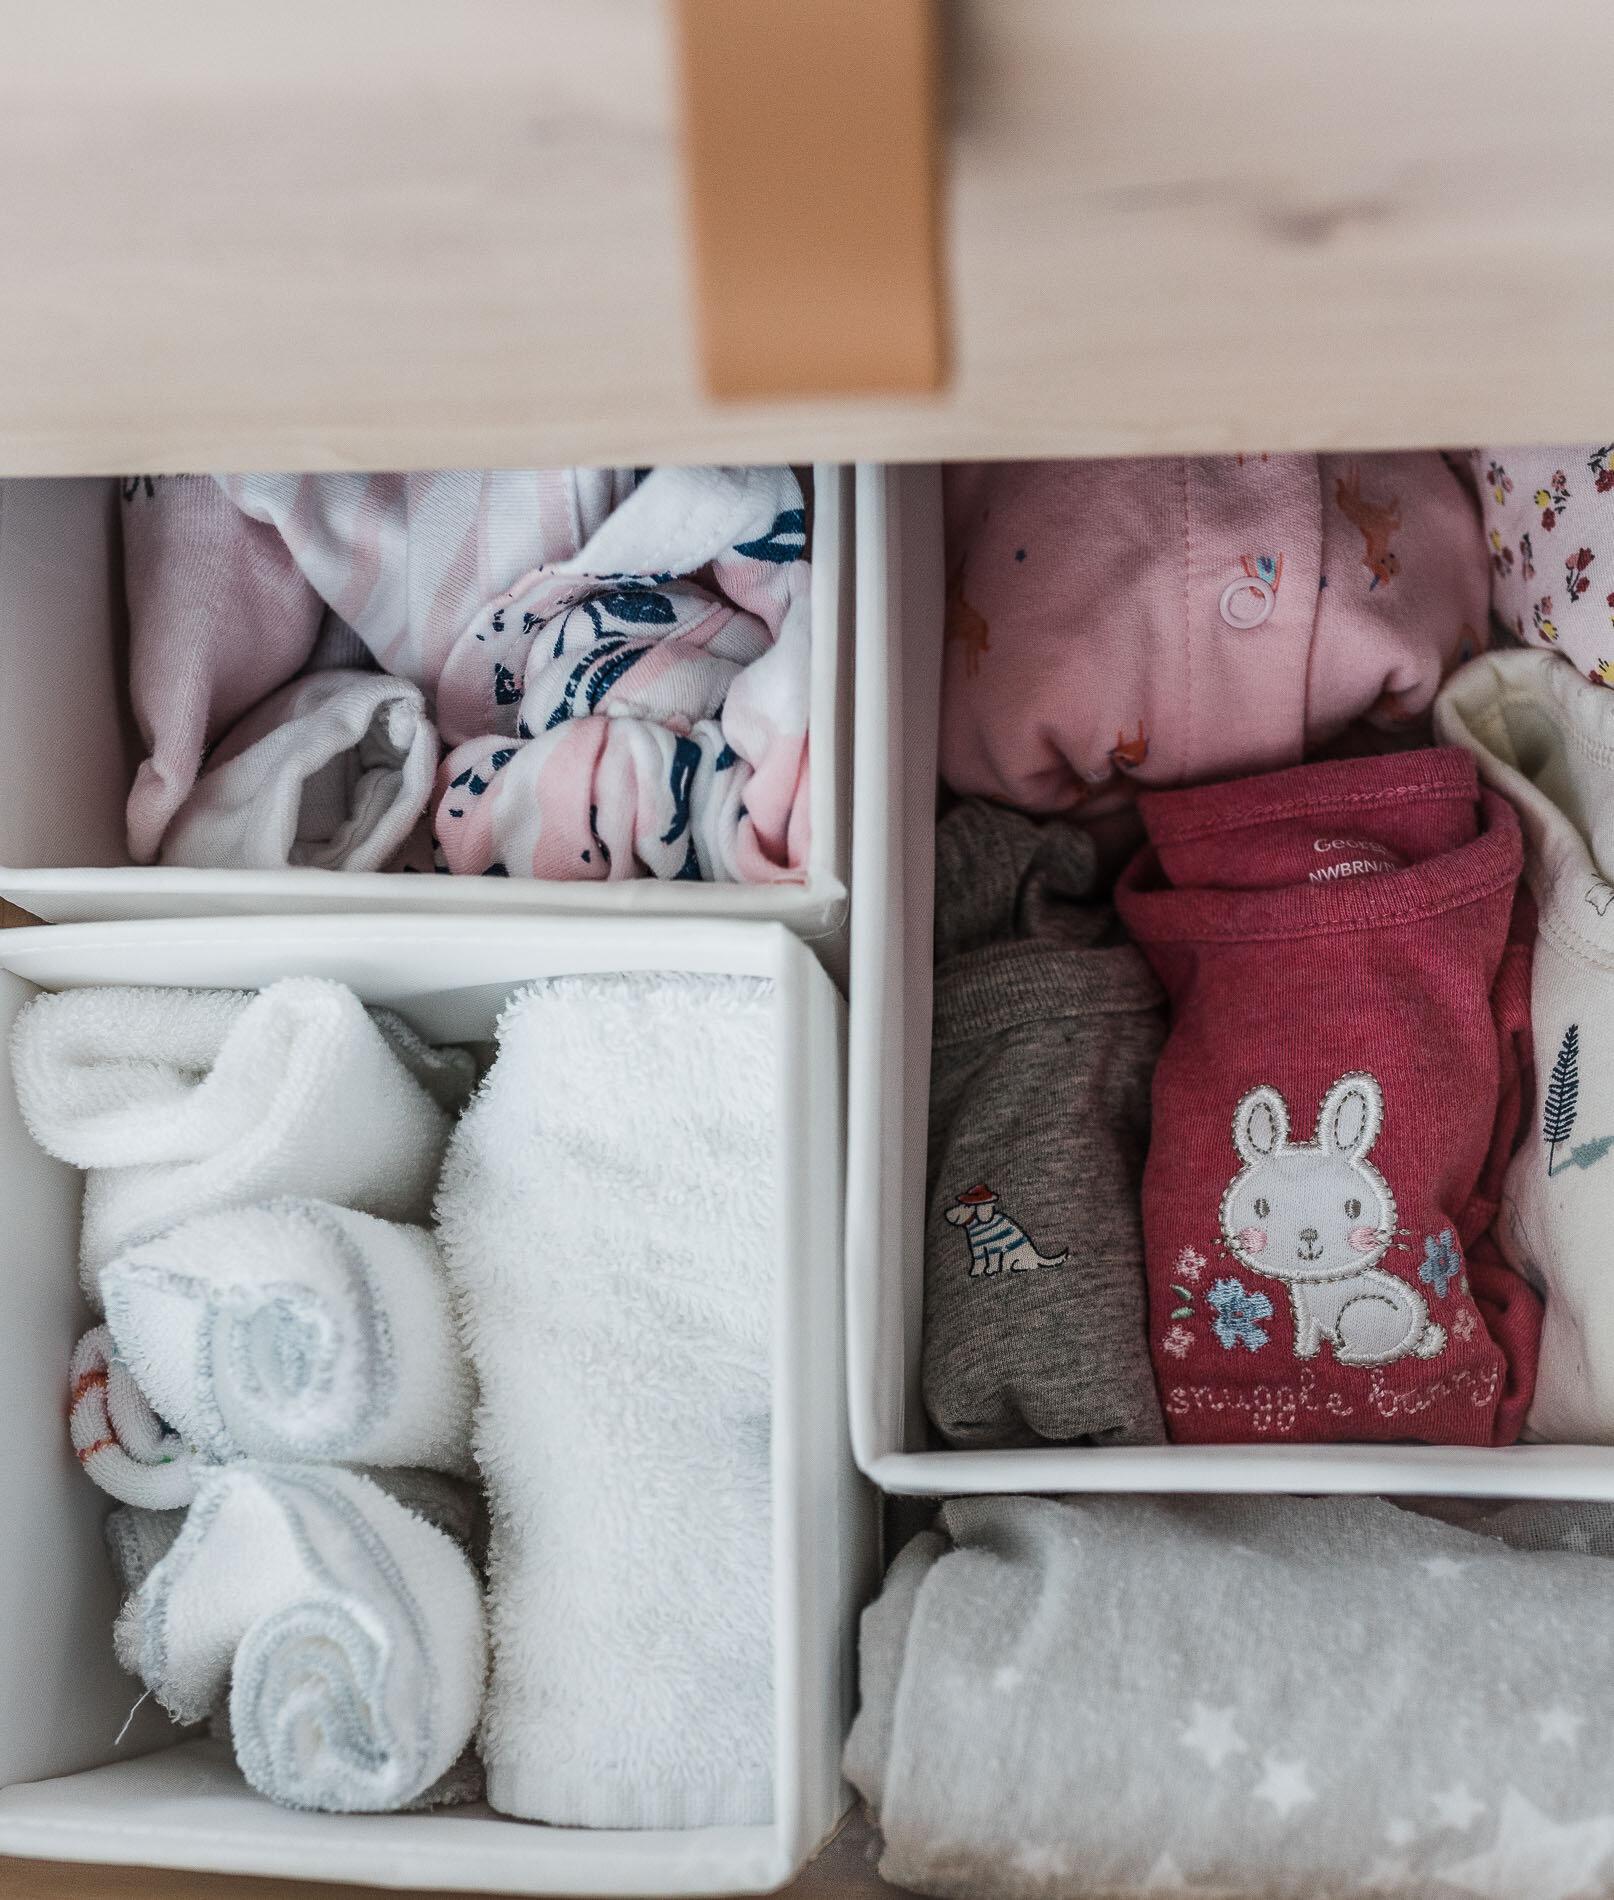 organizer boxes for newborn dresser